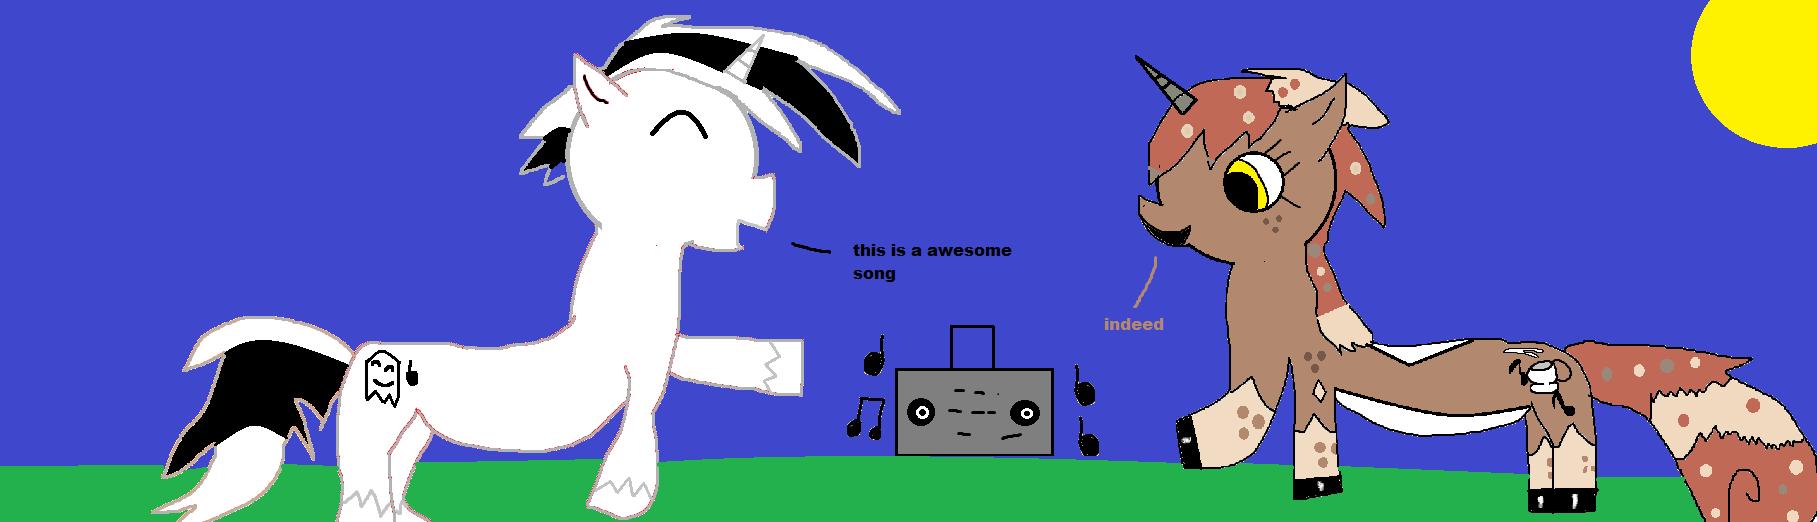 Ghostdude and Mocha Song